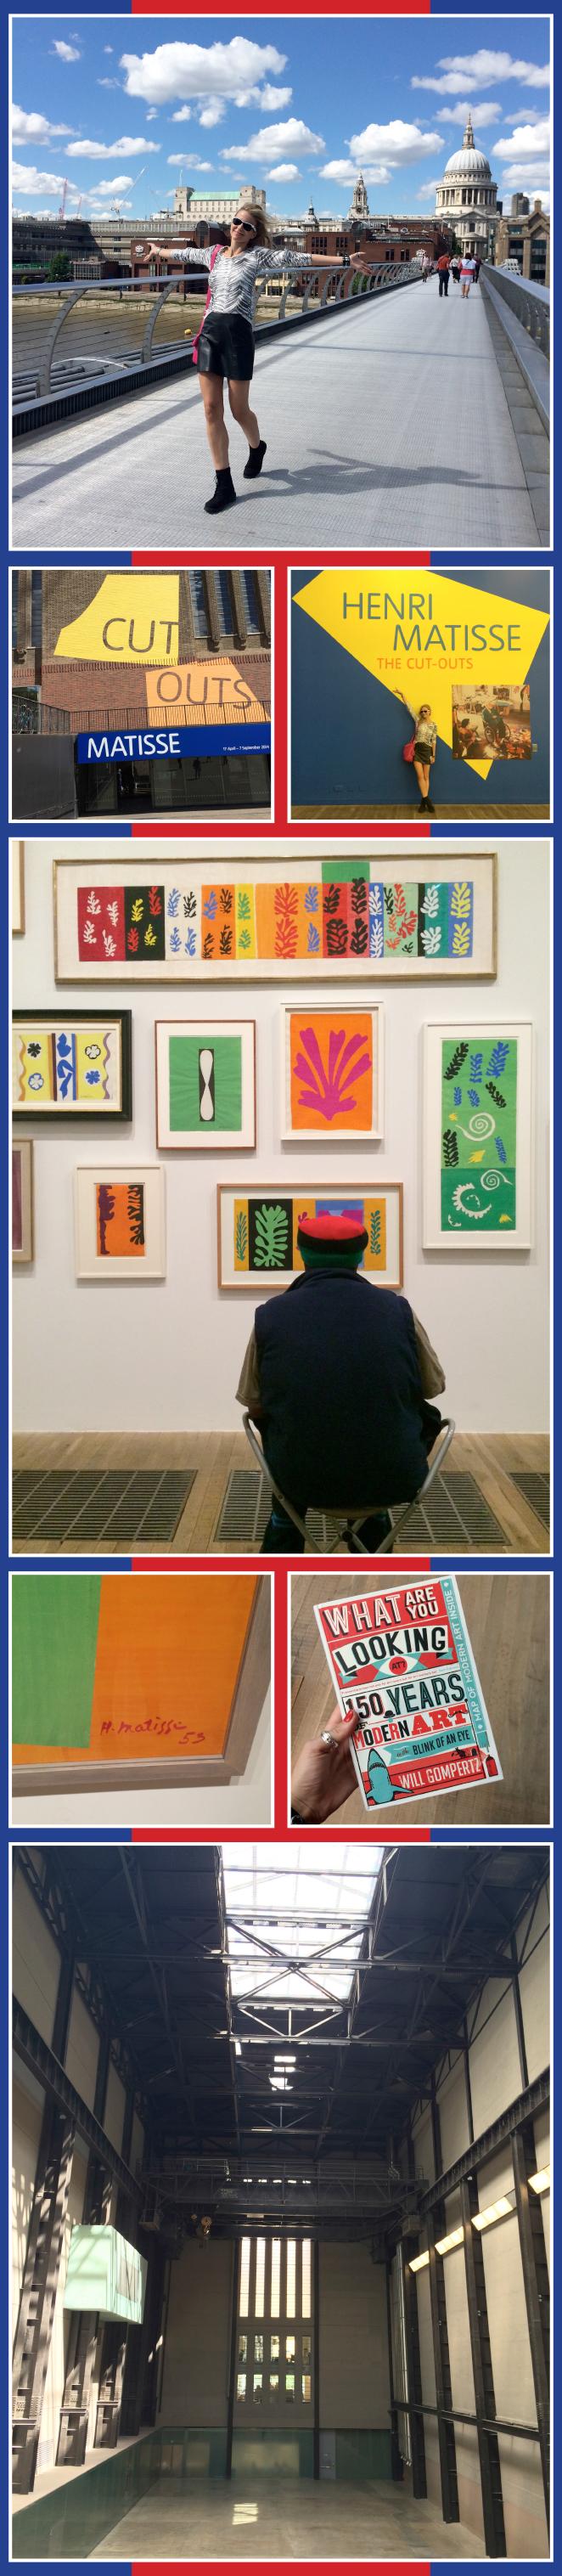 Maria Leon en Tate Modern donde visito las obras de Matisse